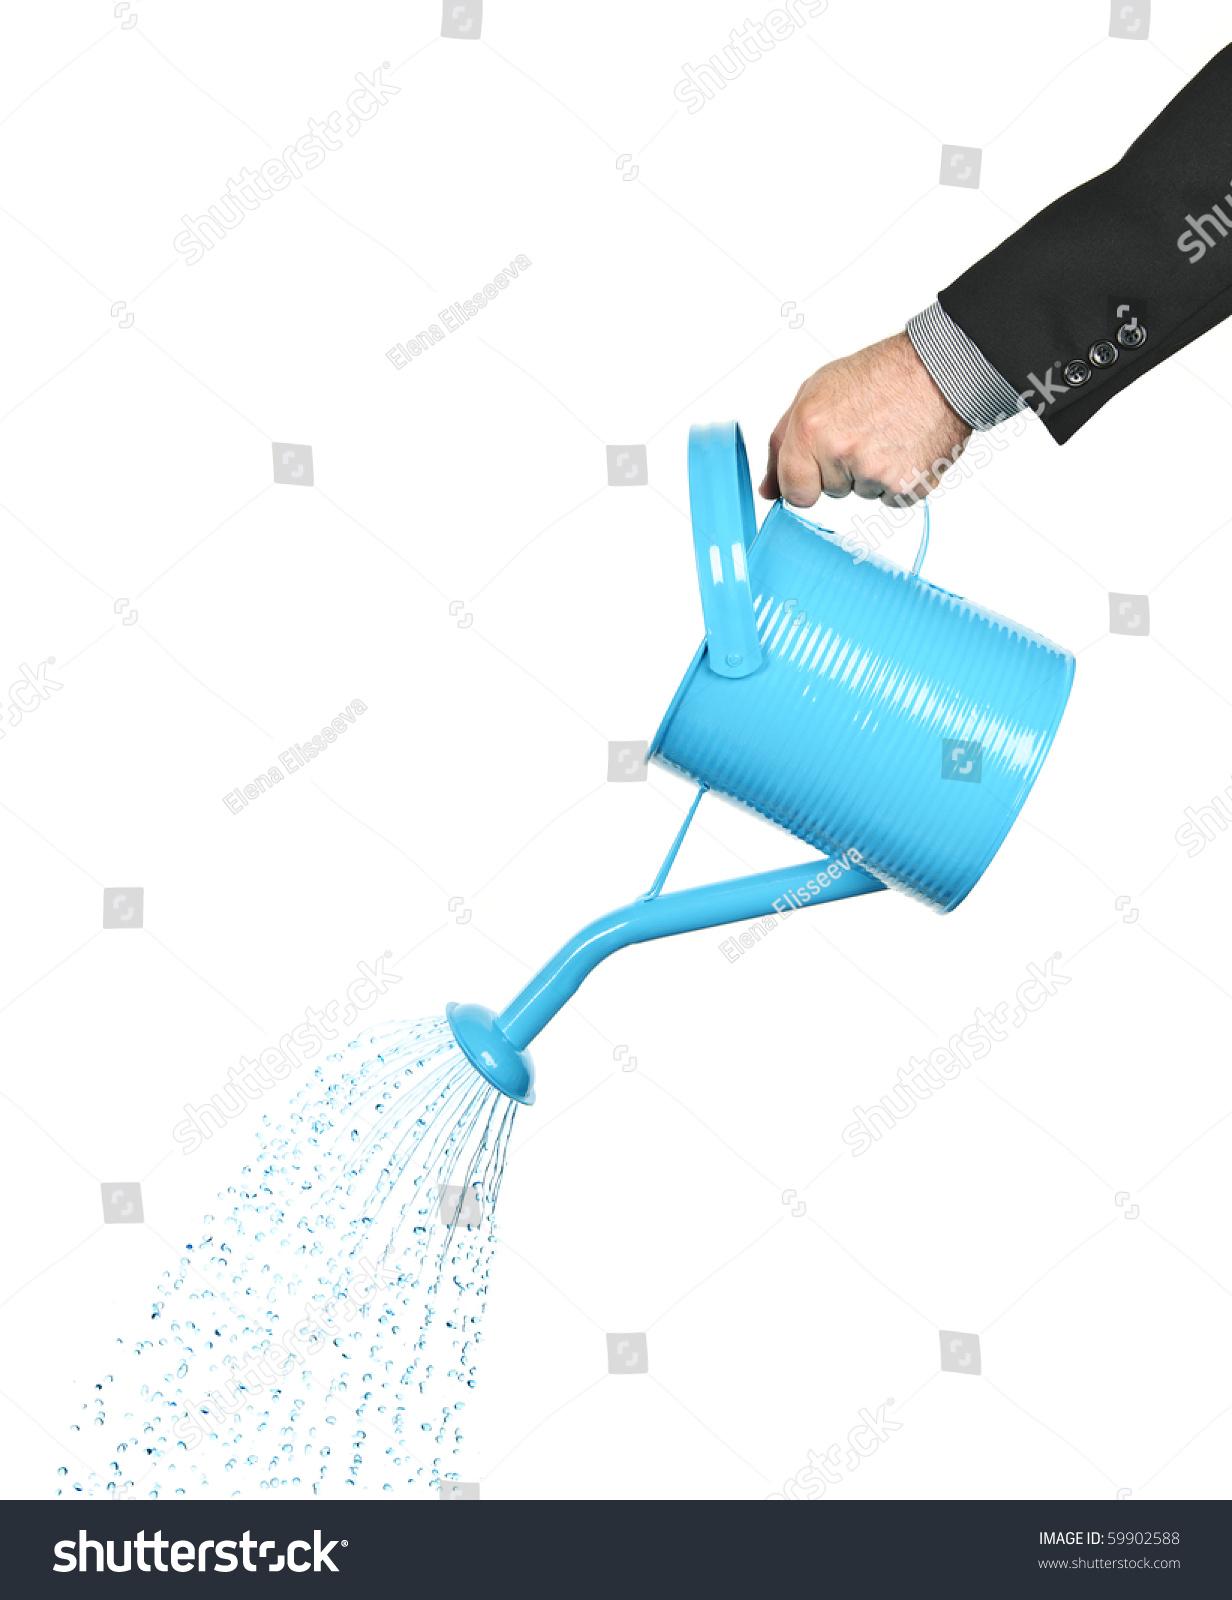 一个商人的手从喷壶里倒水-物体,交通运输-海洛创意()图片